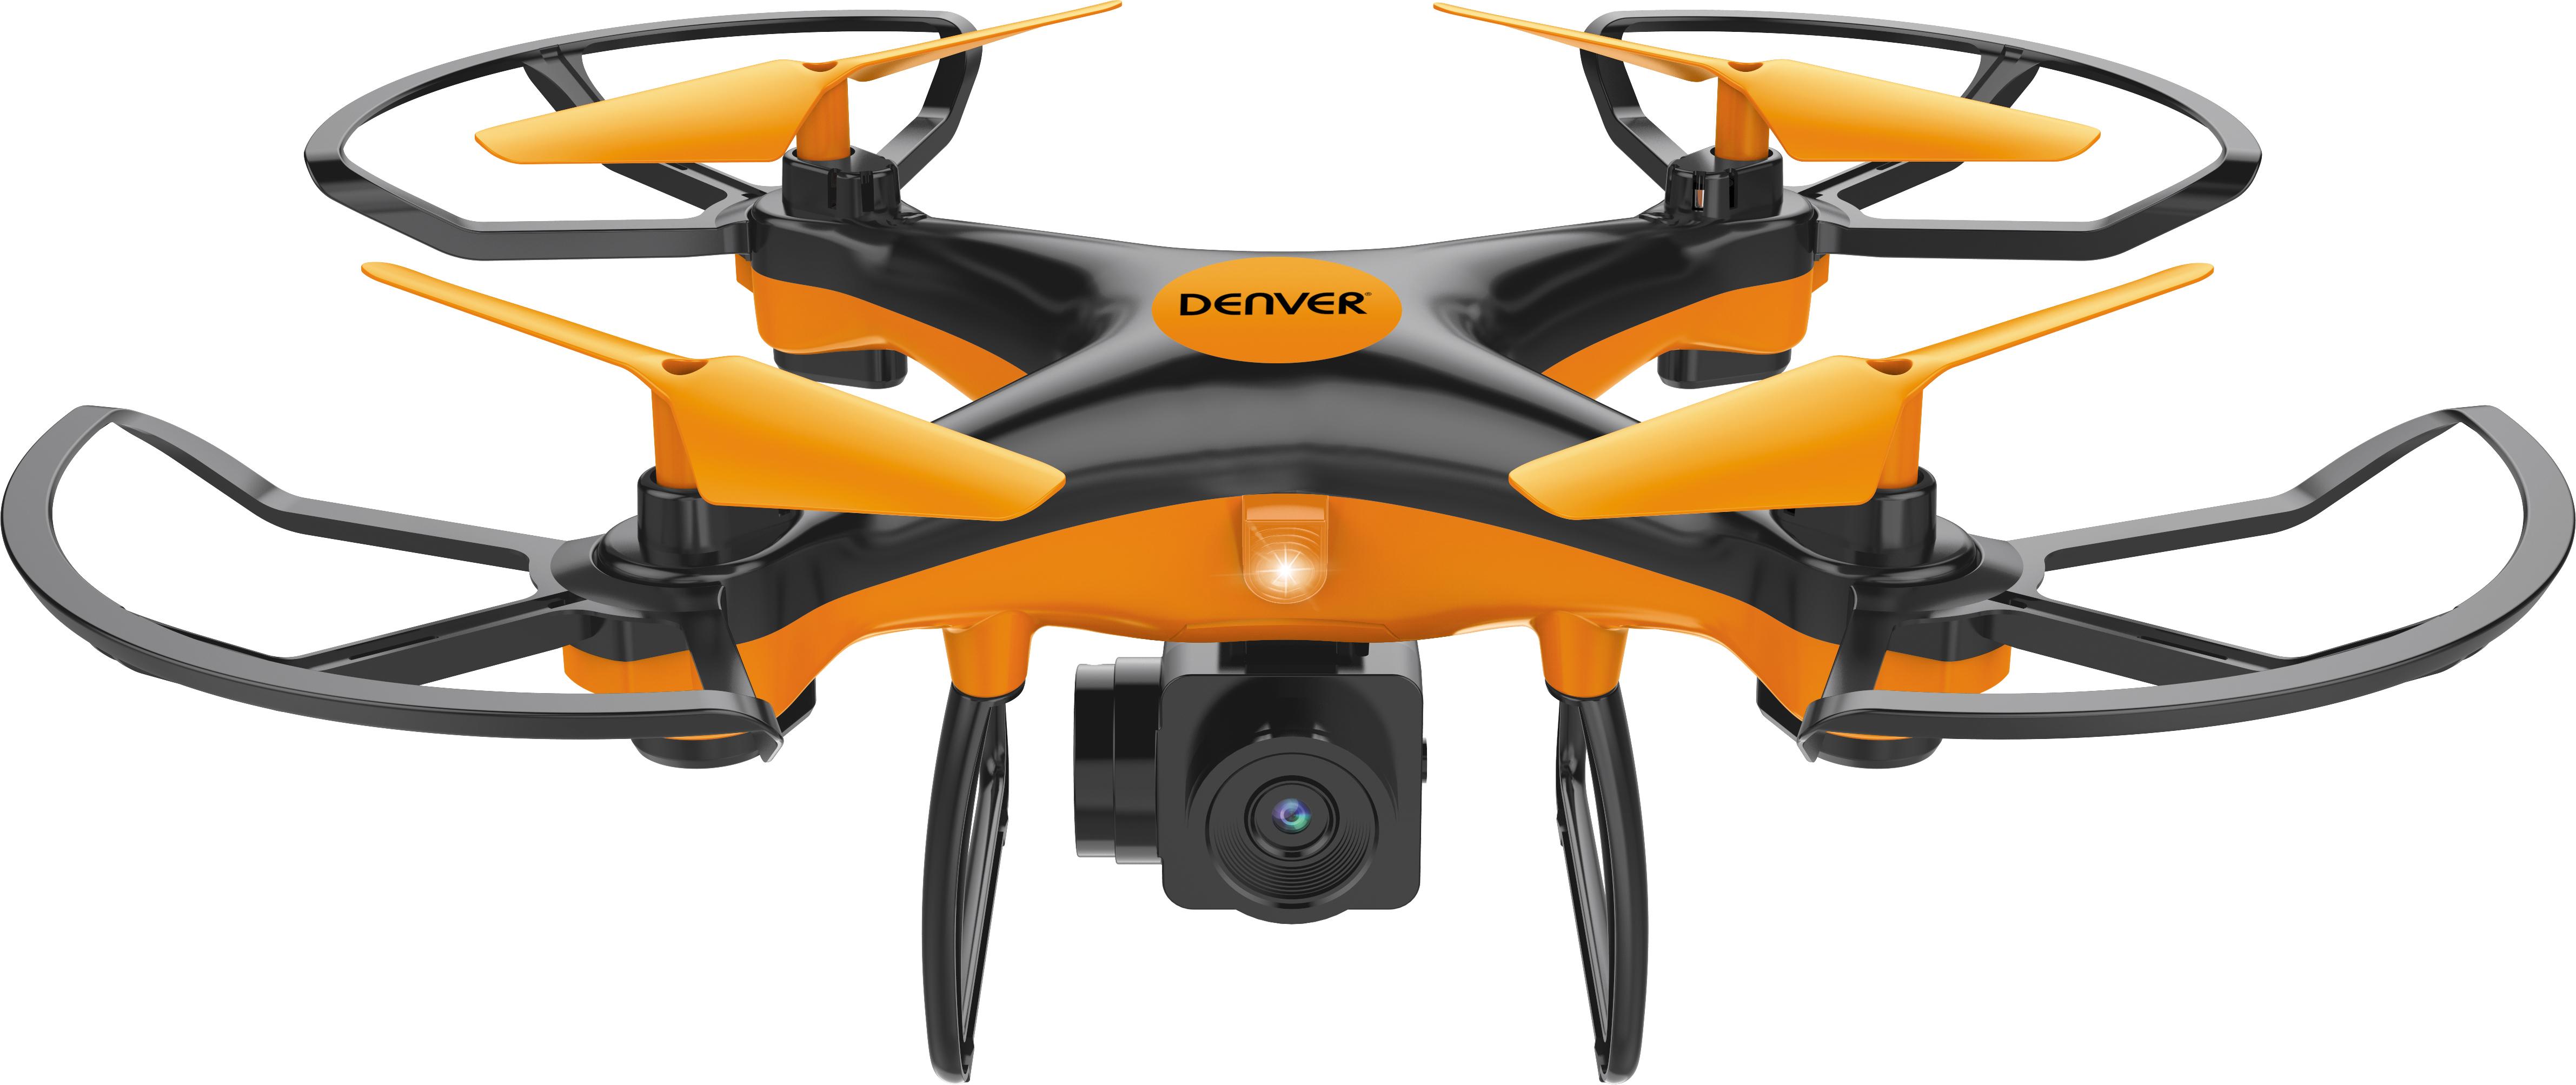 Denver DCH-240 Drohne, Orange für Weihnachten